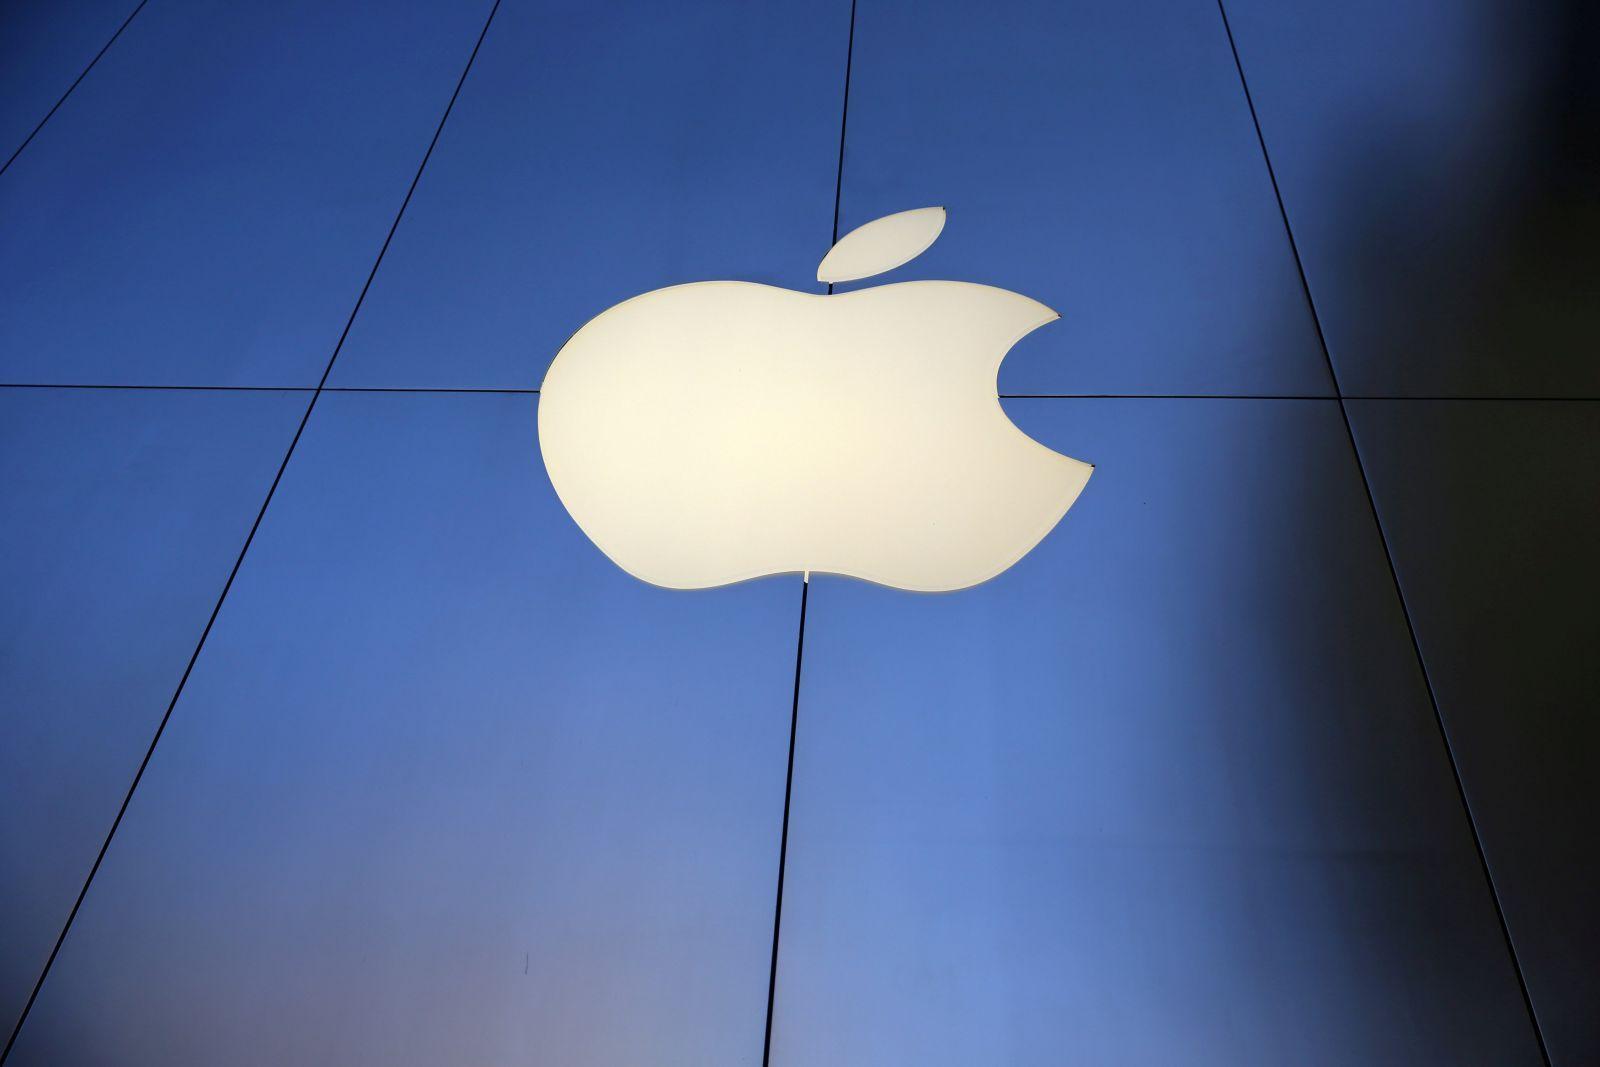 Bán giá rẻ hơn, Apple đang muốn rời bỏ hình ảnh thương hiệu cao cấp của mình?